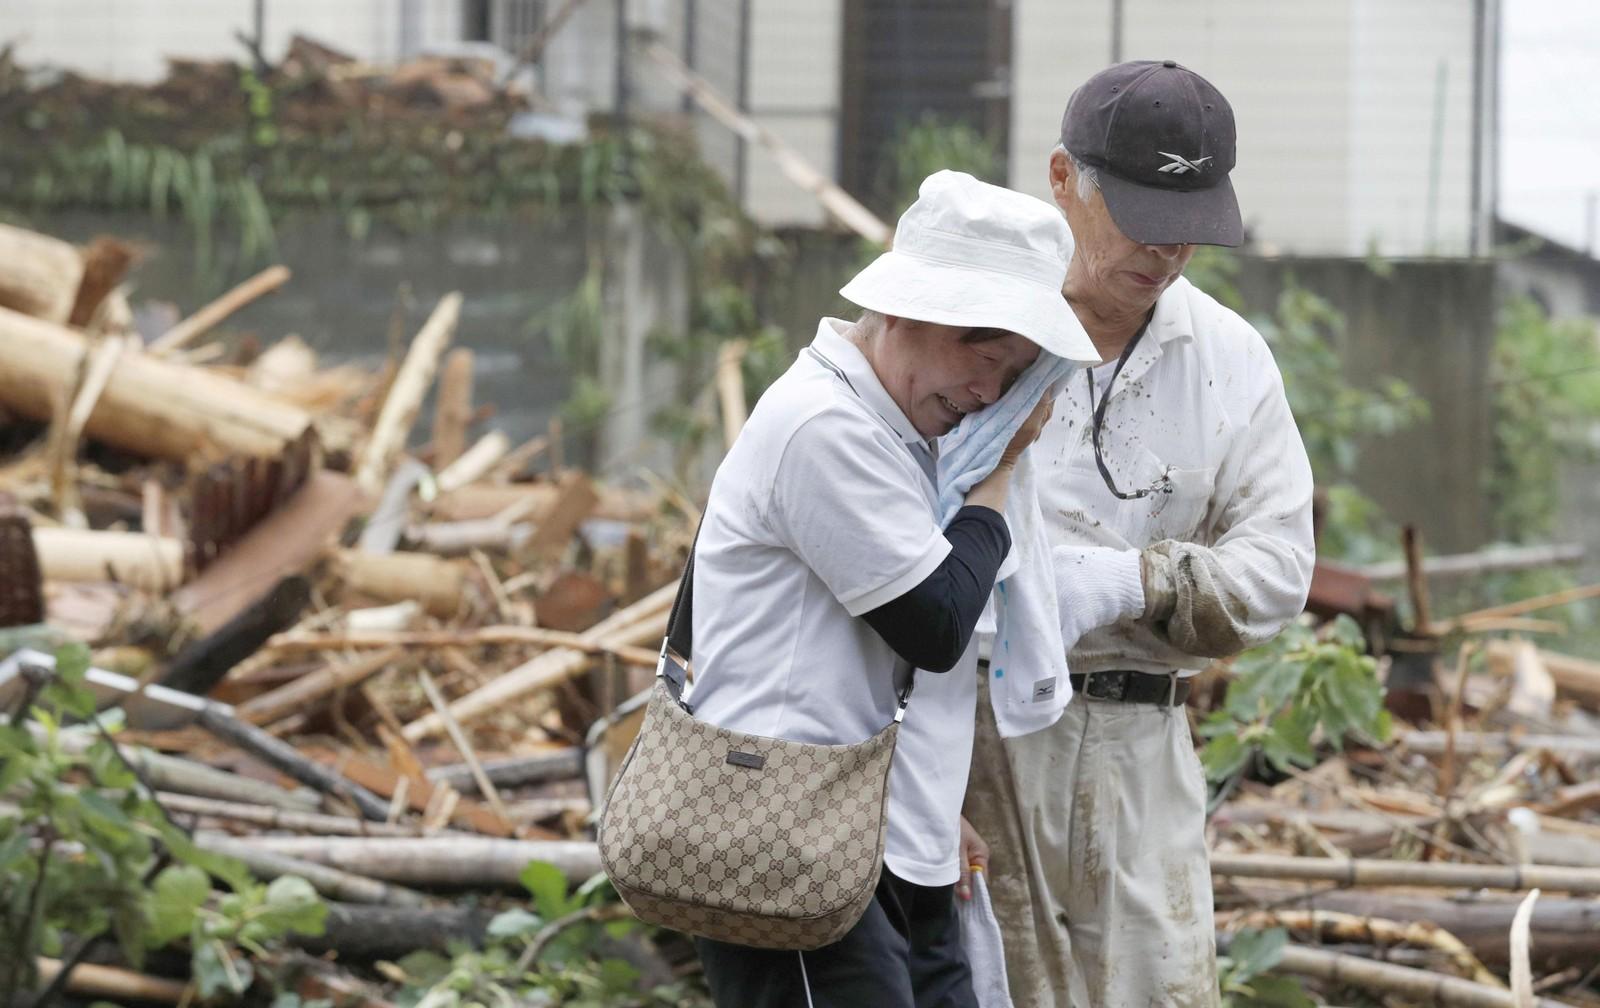 En kvinne gråter over en slektning som er rammet etter det kraftige regnet i Asakura, Japan.